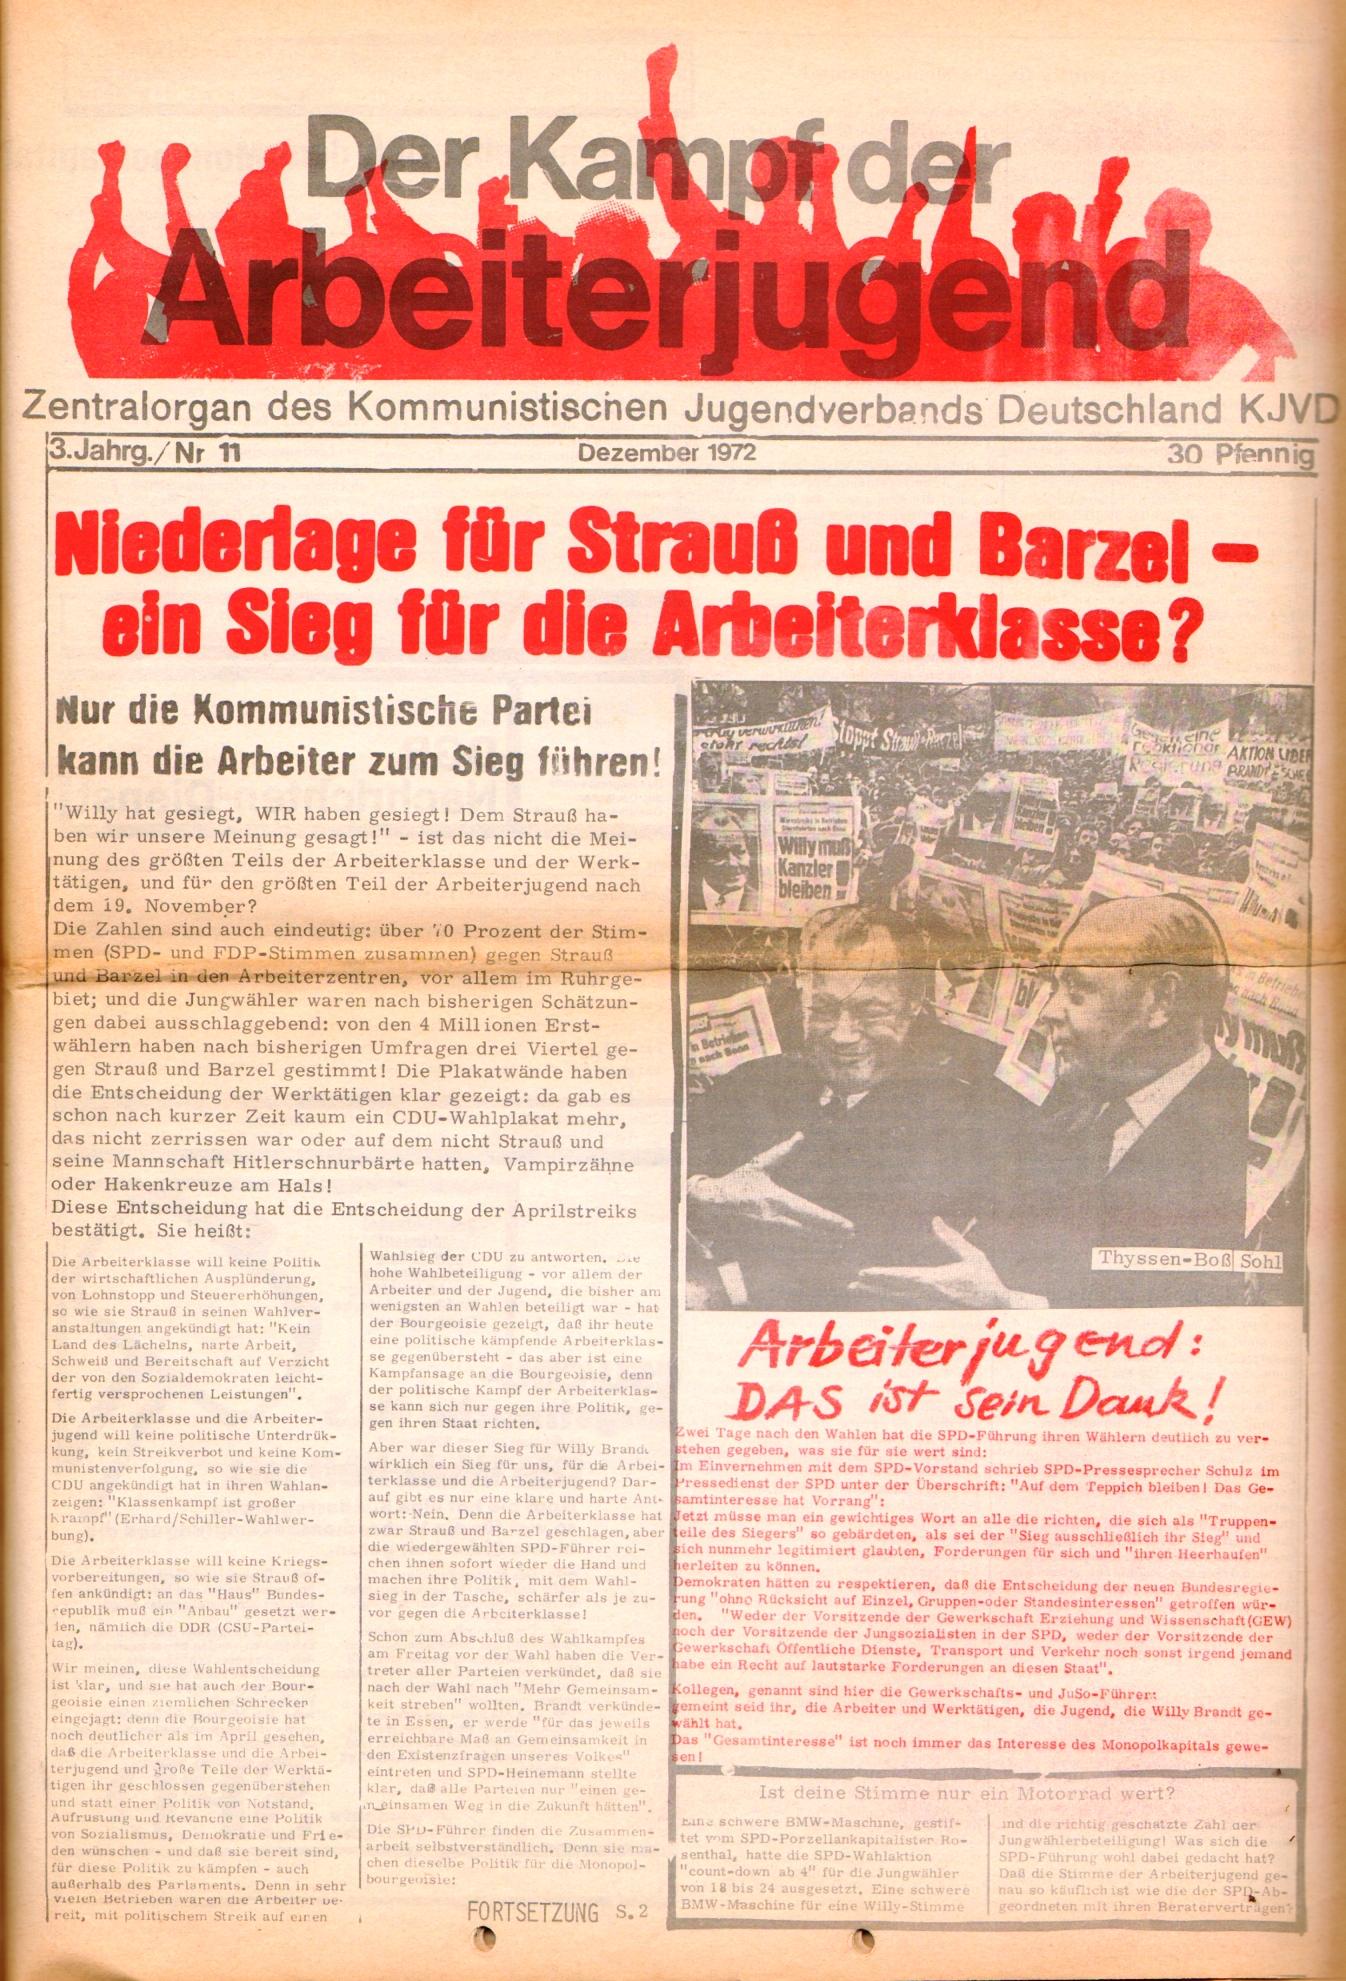 KDAJ, 3. Jg., Dezember 1972, Nr. 11, Seite 1